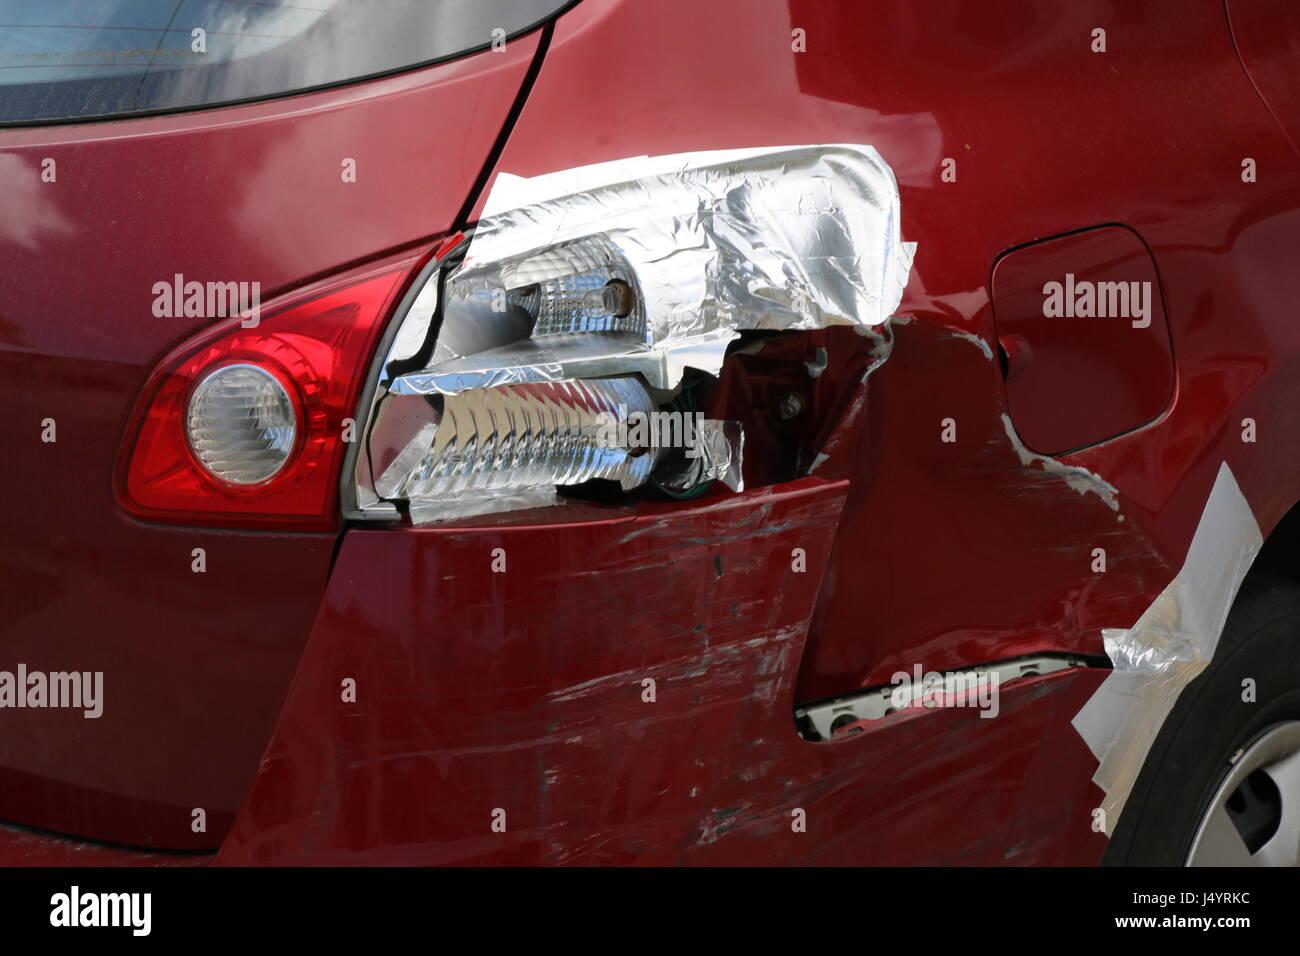 Broken Tail Light Stock Photos & Broken Tail Light Stock Images - Alamy